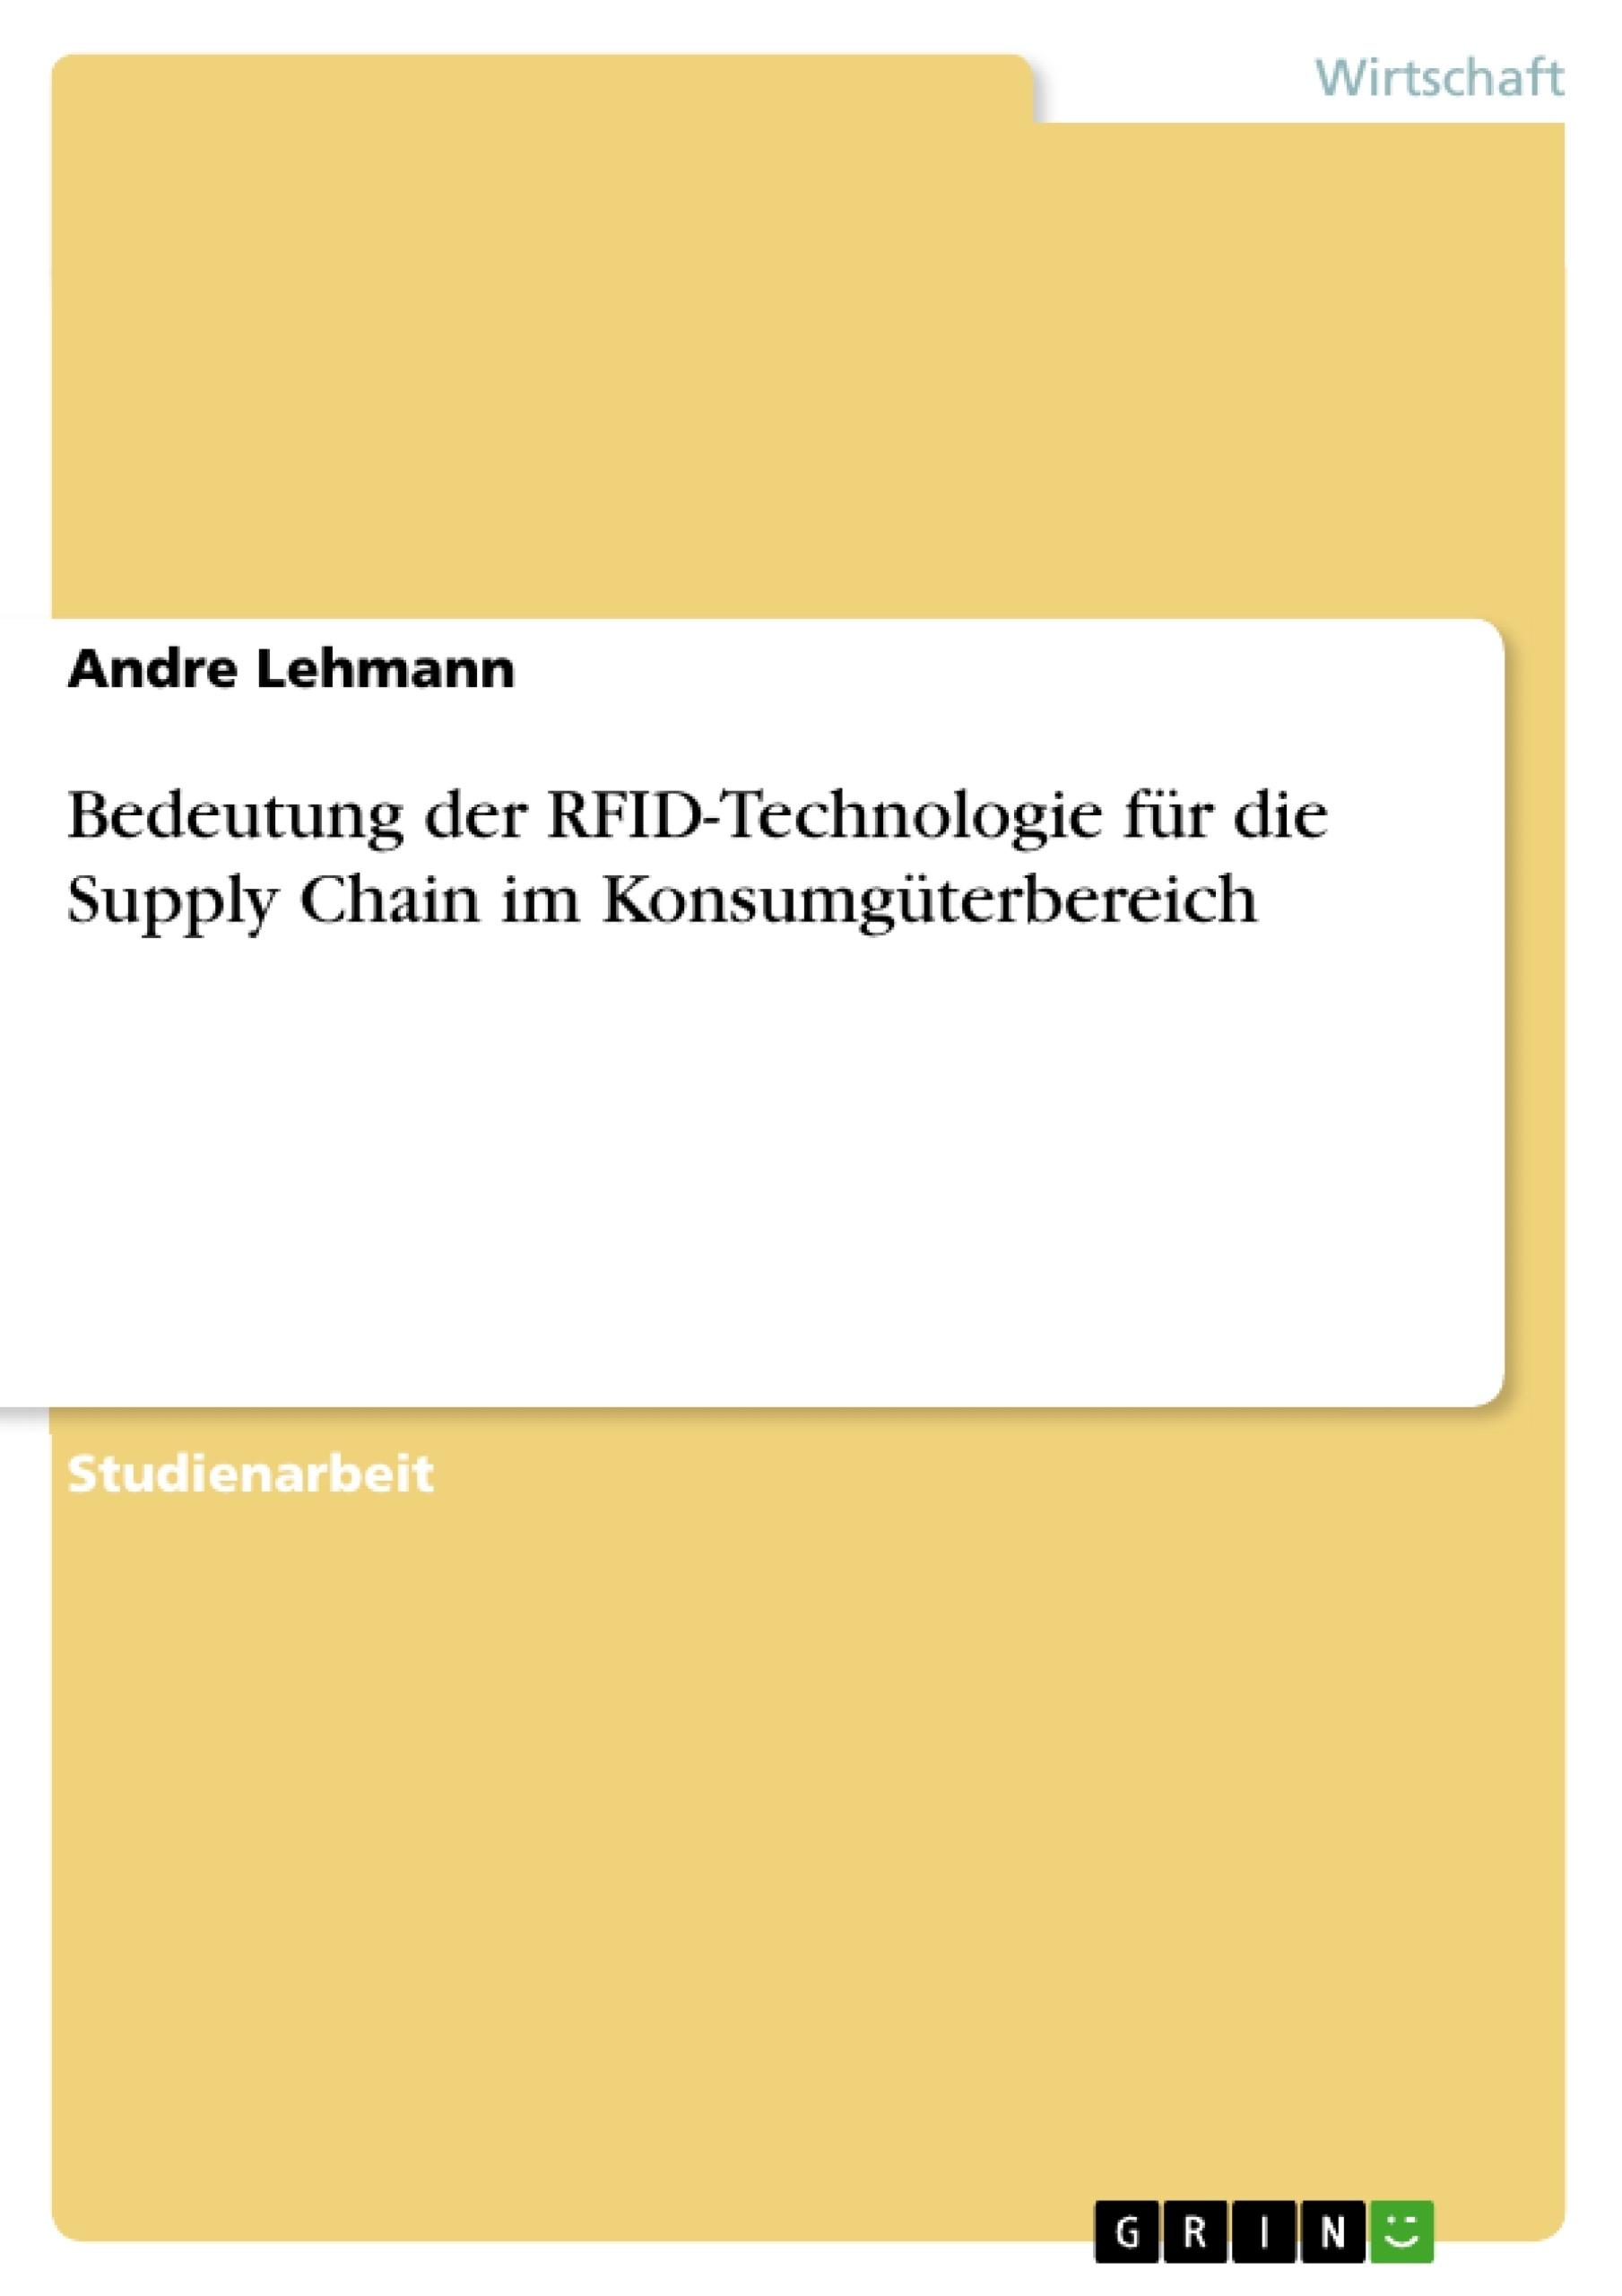 Titel: Bedeutung der RFID-Technologie für die Supply Chain im Konsumgüterbereich